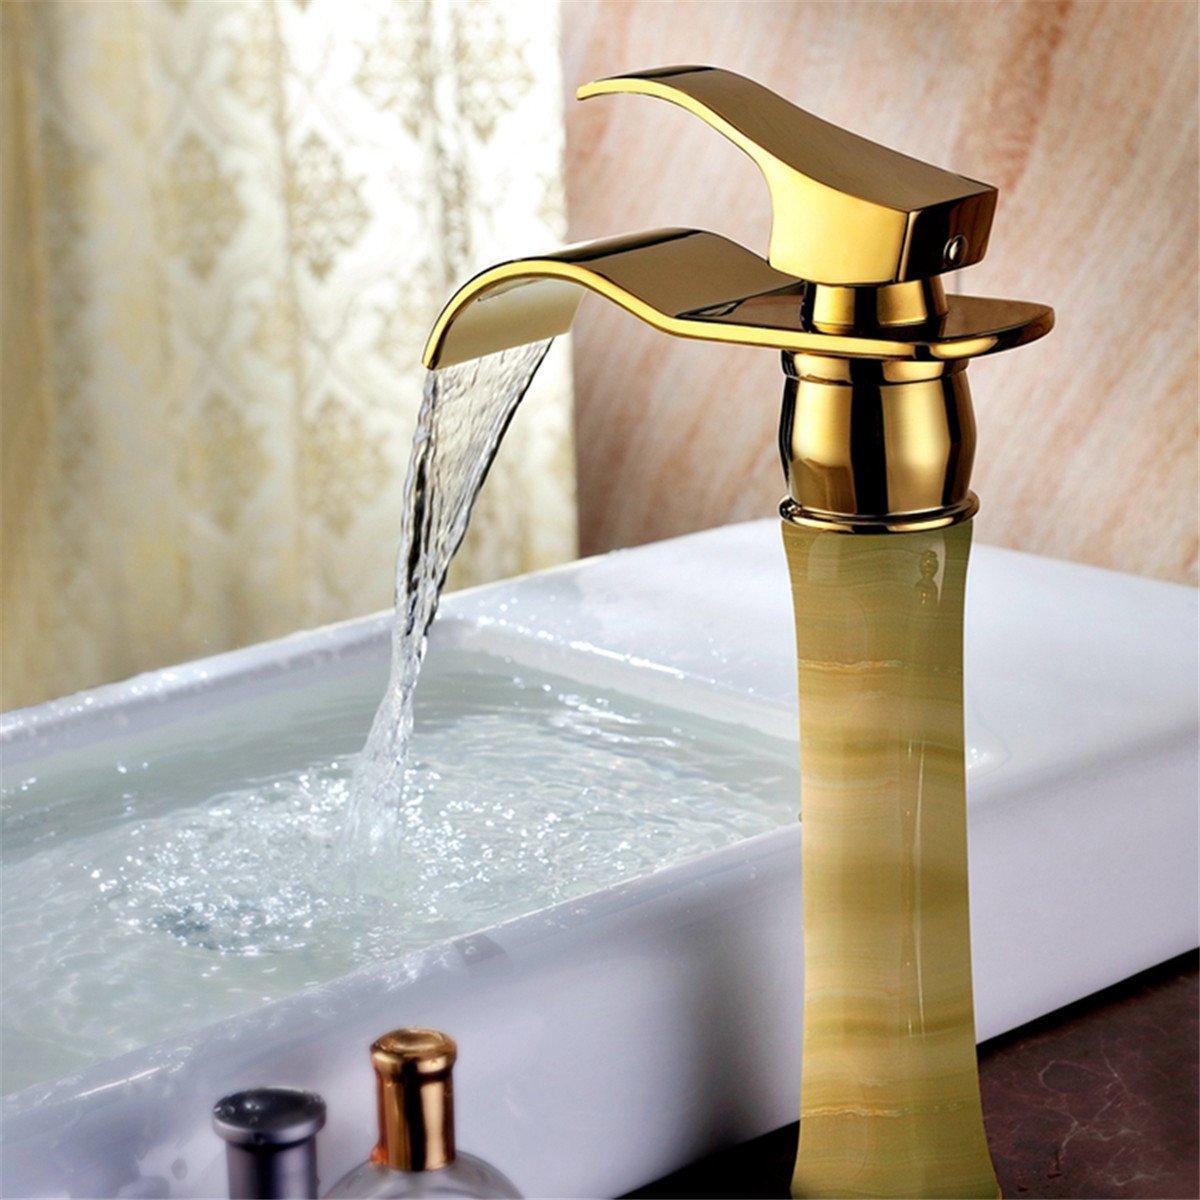 Continental Titan Gold einzelne Griff einzelne Bohrung Wasserfall am oberen Zähler Waschbecken warmes und kaltes Wasser, Badezimmer Waschbecken Armatur   Waschbecken Wasserhahn Mischbatterie Badarmatur   Waschtischarmatur   Badarmatur   Waschbecken Wasser